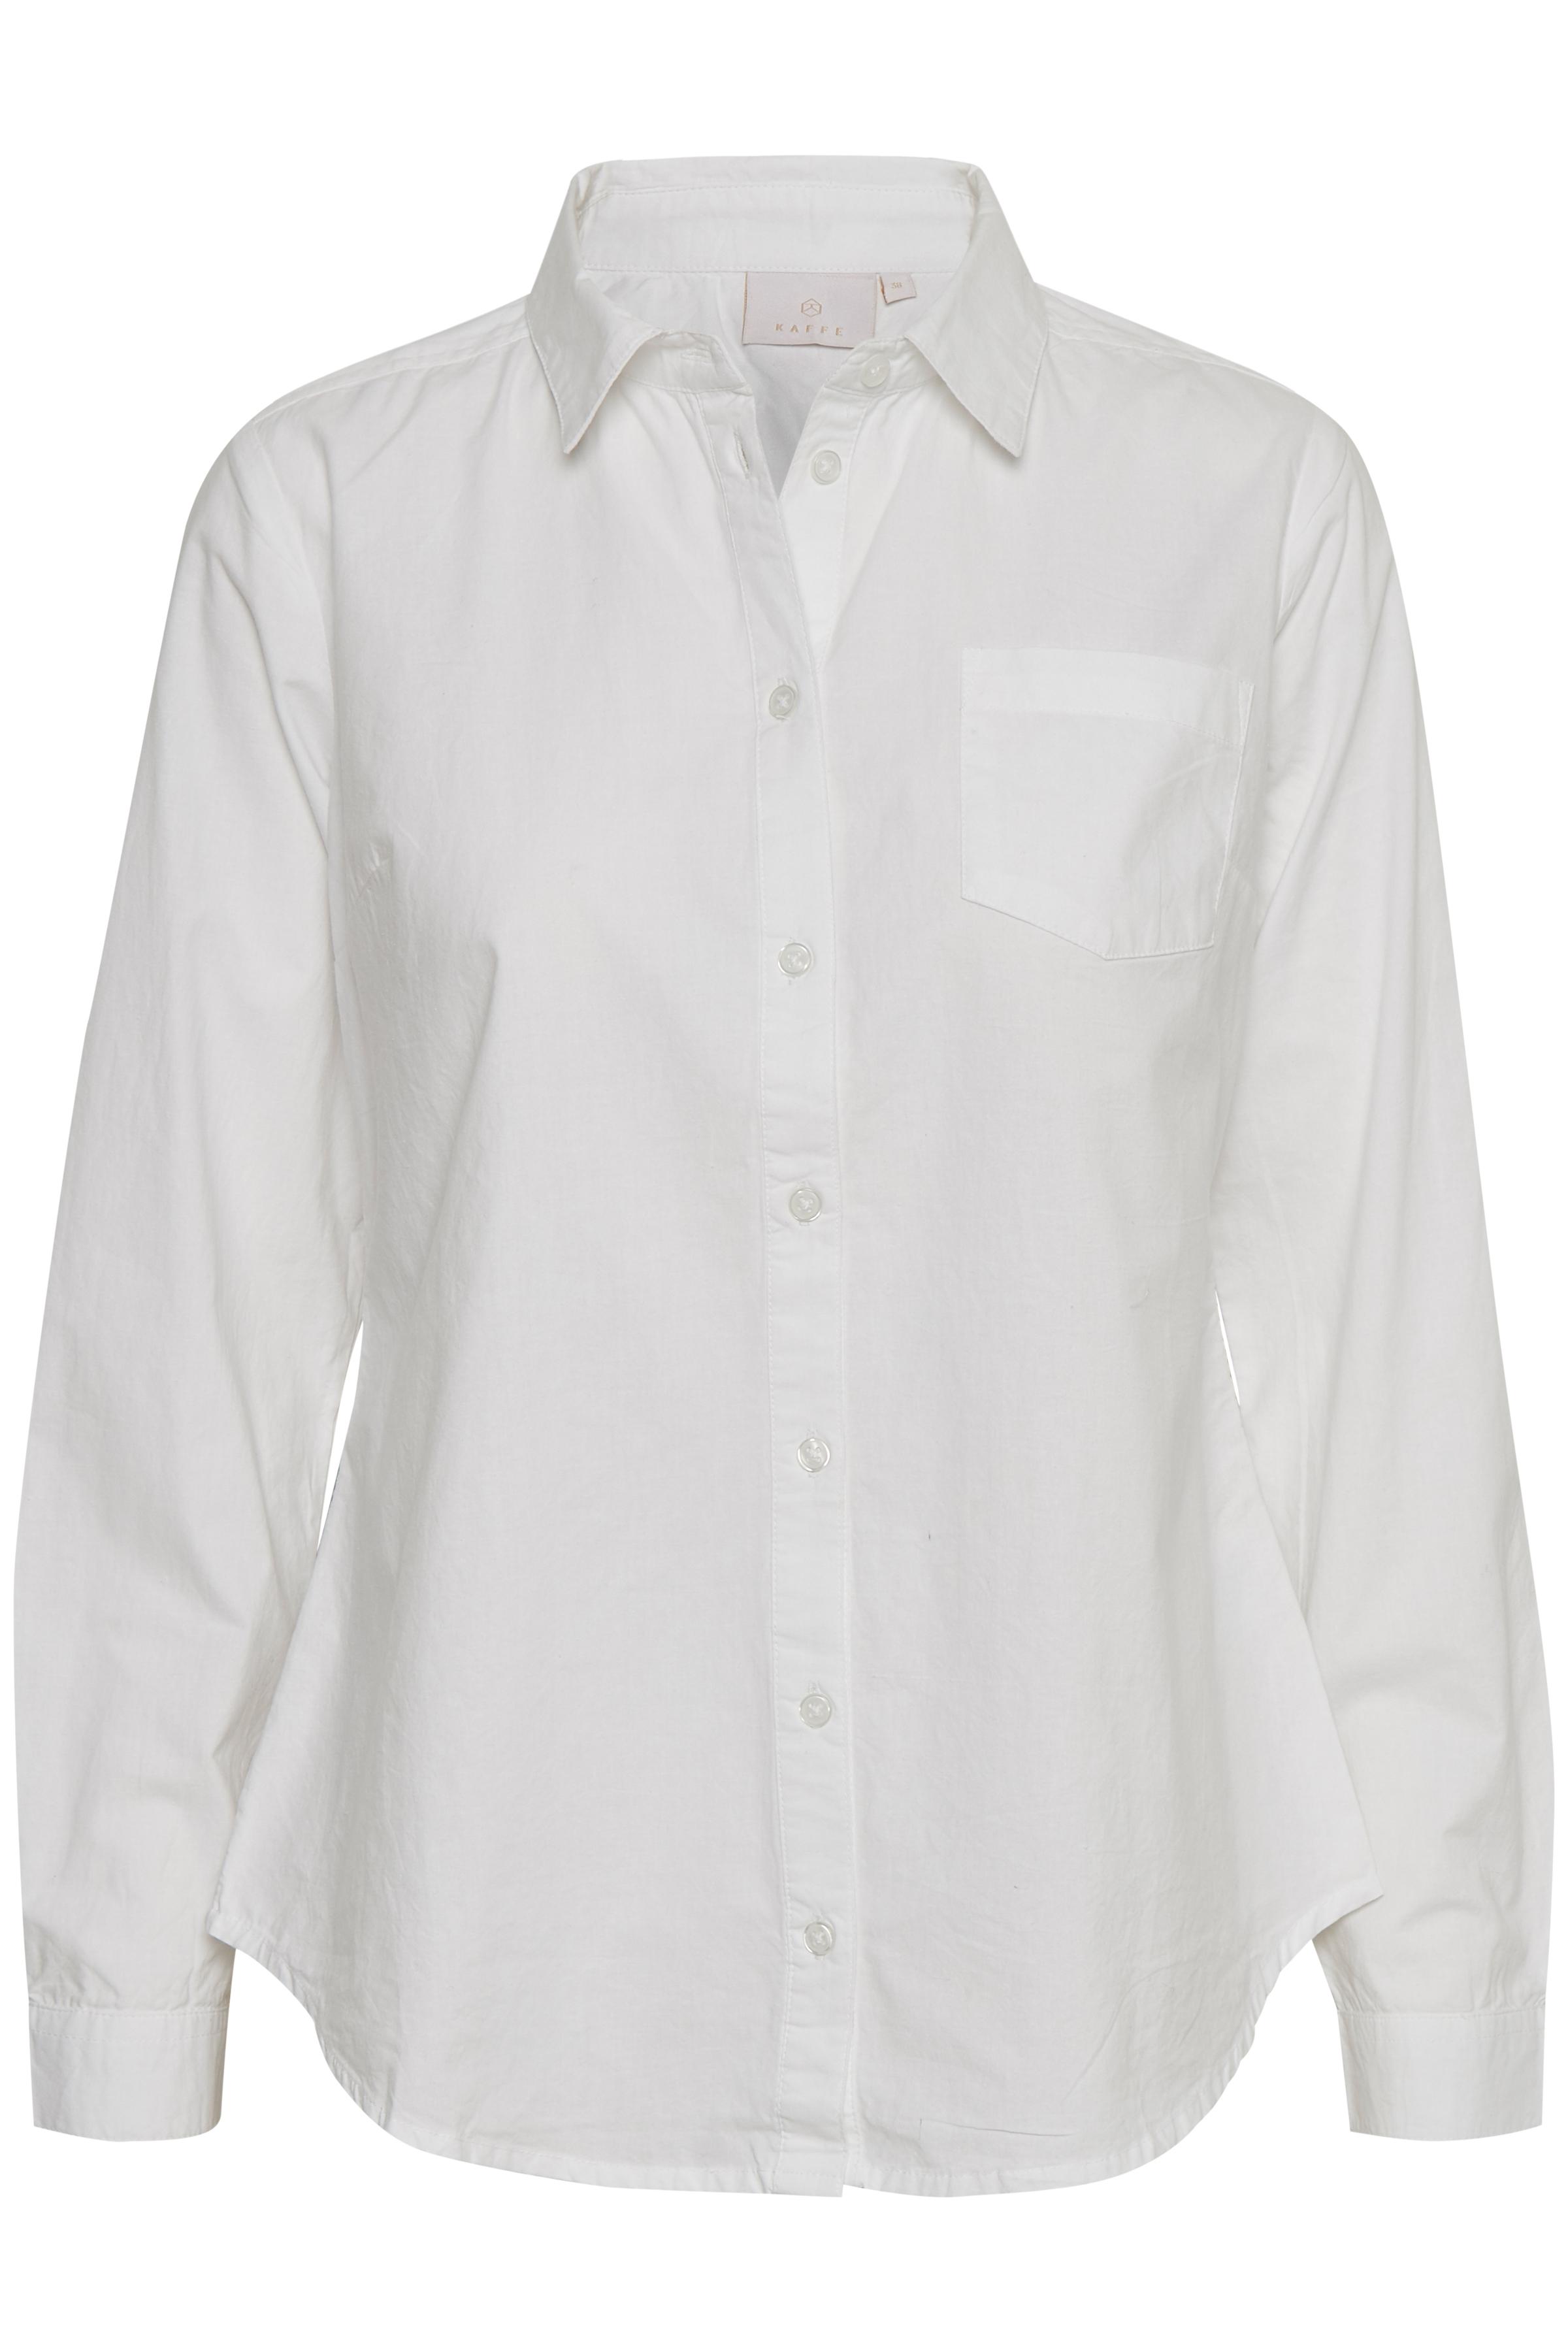 Hvid Langærmet skjorte fra Kaffe – Køb Hvid Langærmet skjorte fra str. 34-46 her